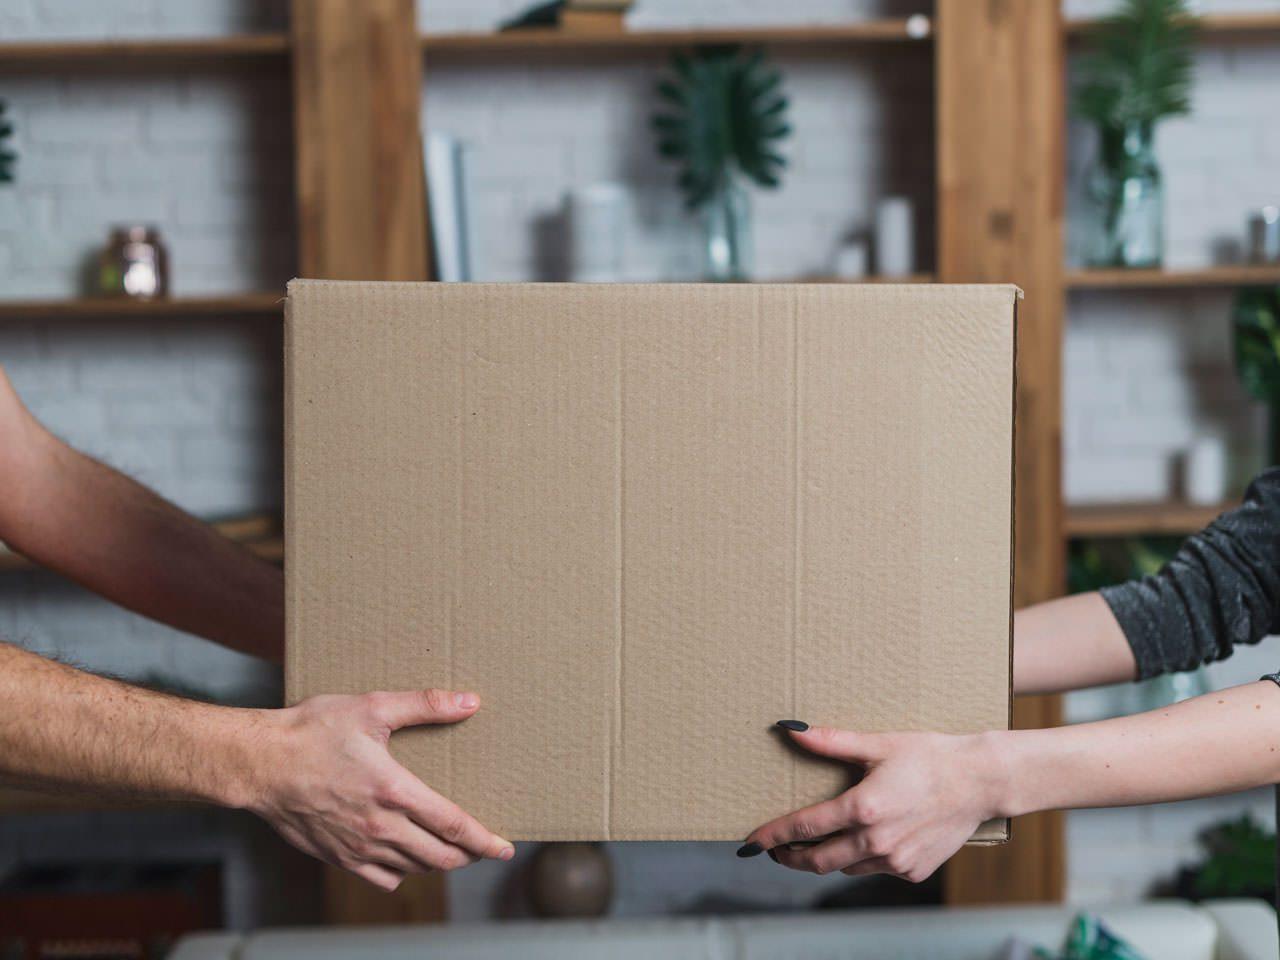 caixa de cartão com uma encomenda para entregar ao cliente